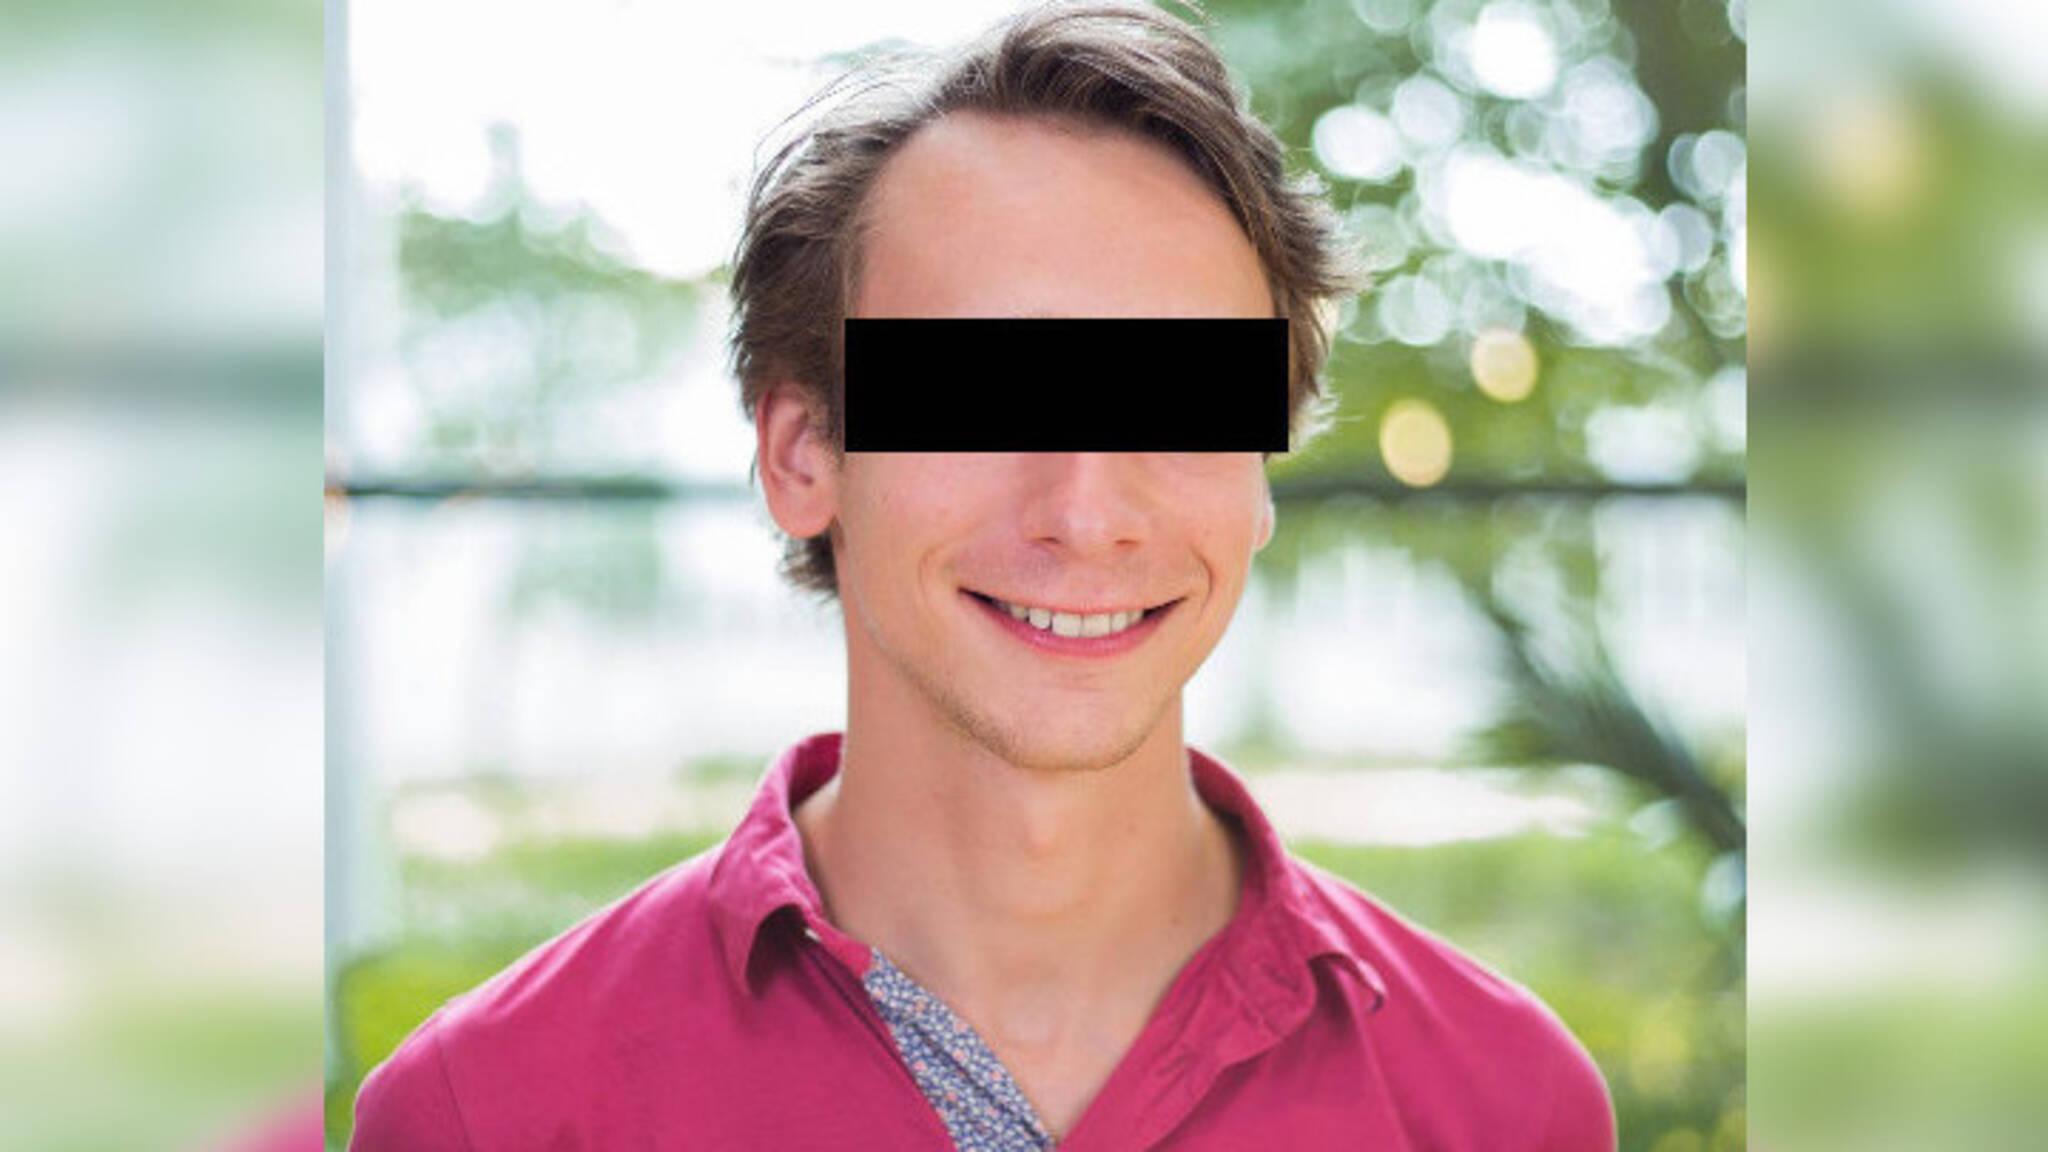 القاتل الثلاثي .Thijs H يحصل على 18 سنة في السجن و TBS